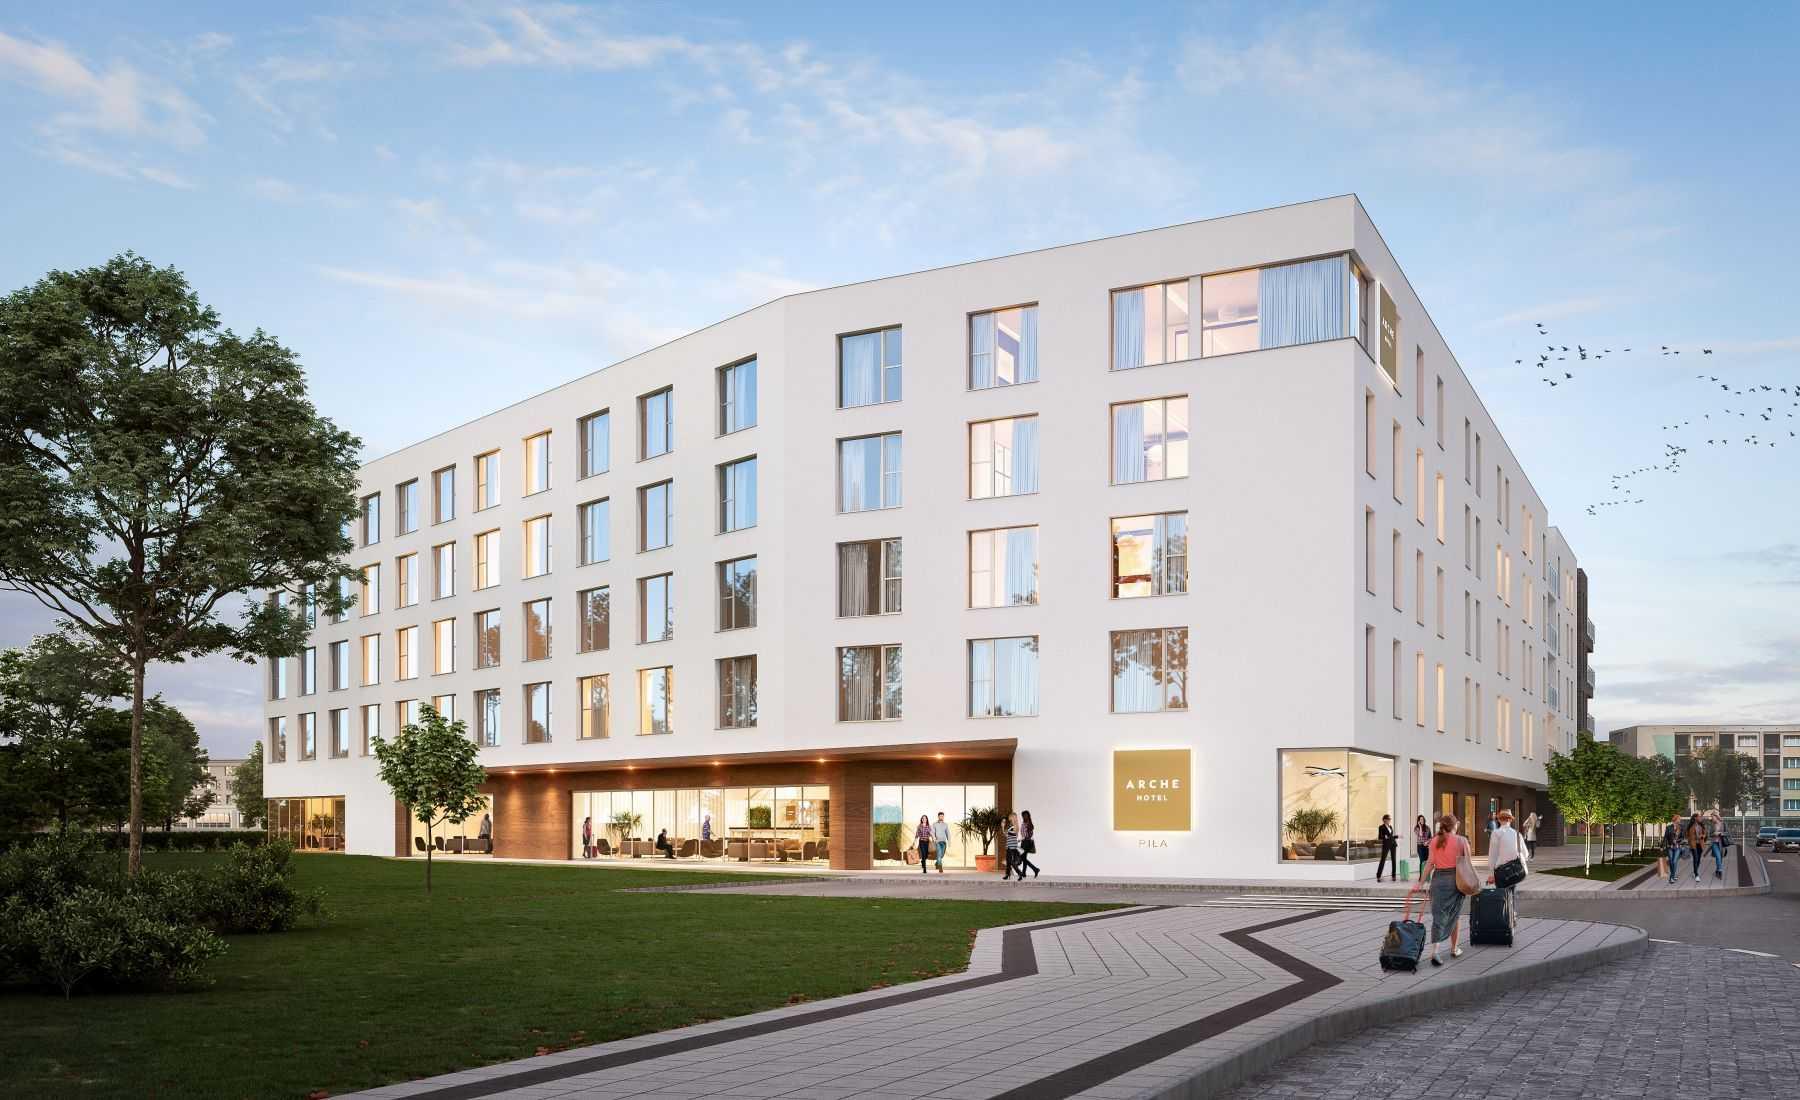 www.hotele.arche.pl